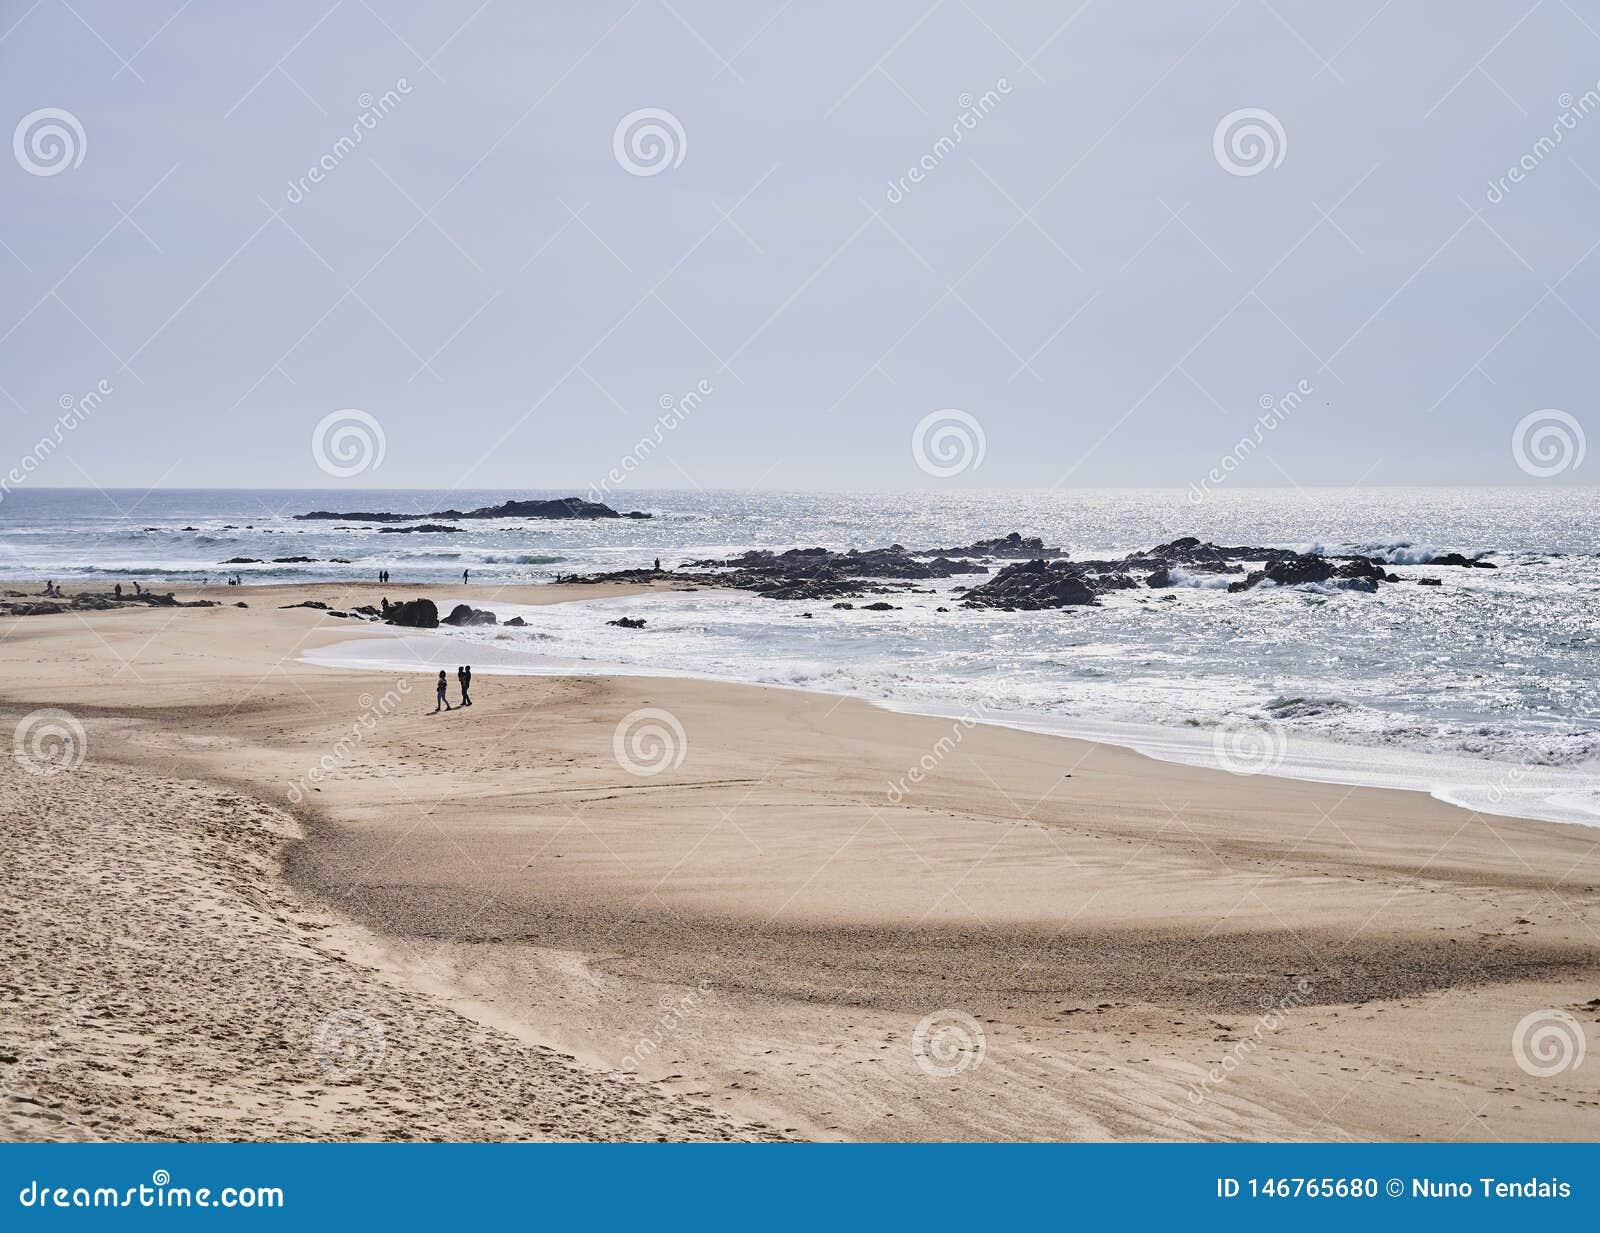 Couple on the beach near the ocean